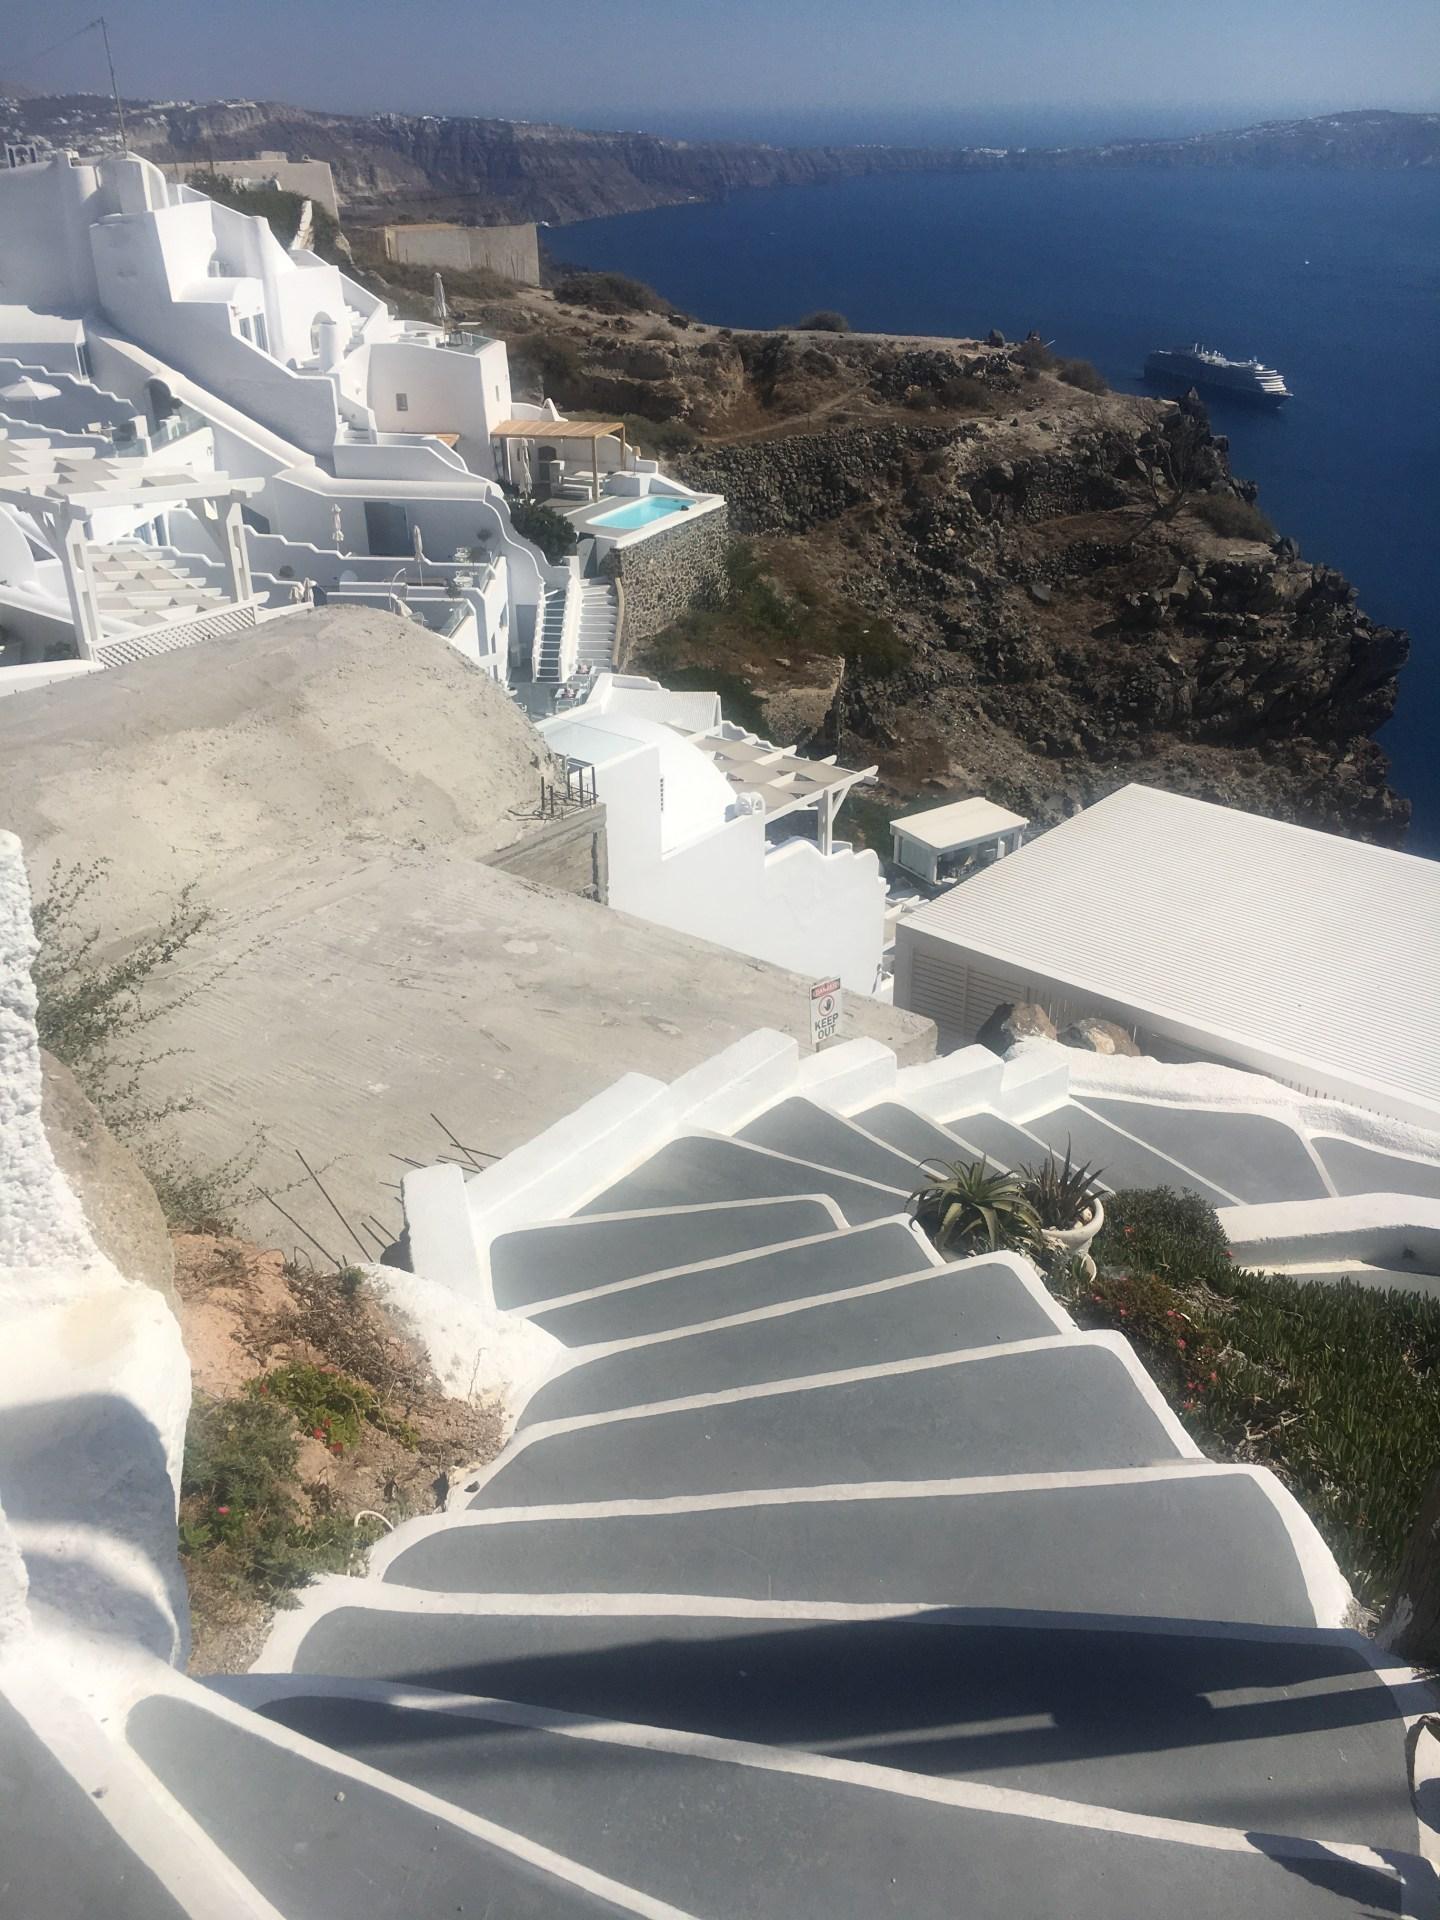 Escalier à Fira pour descendre dans la ville Santorin